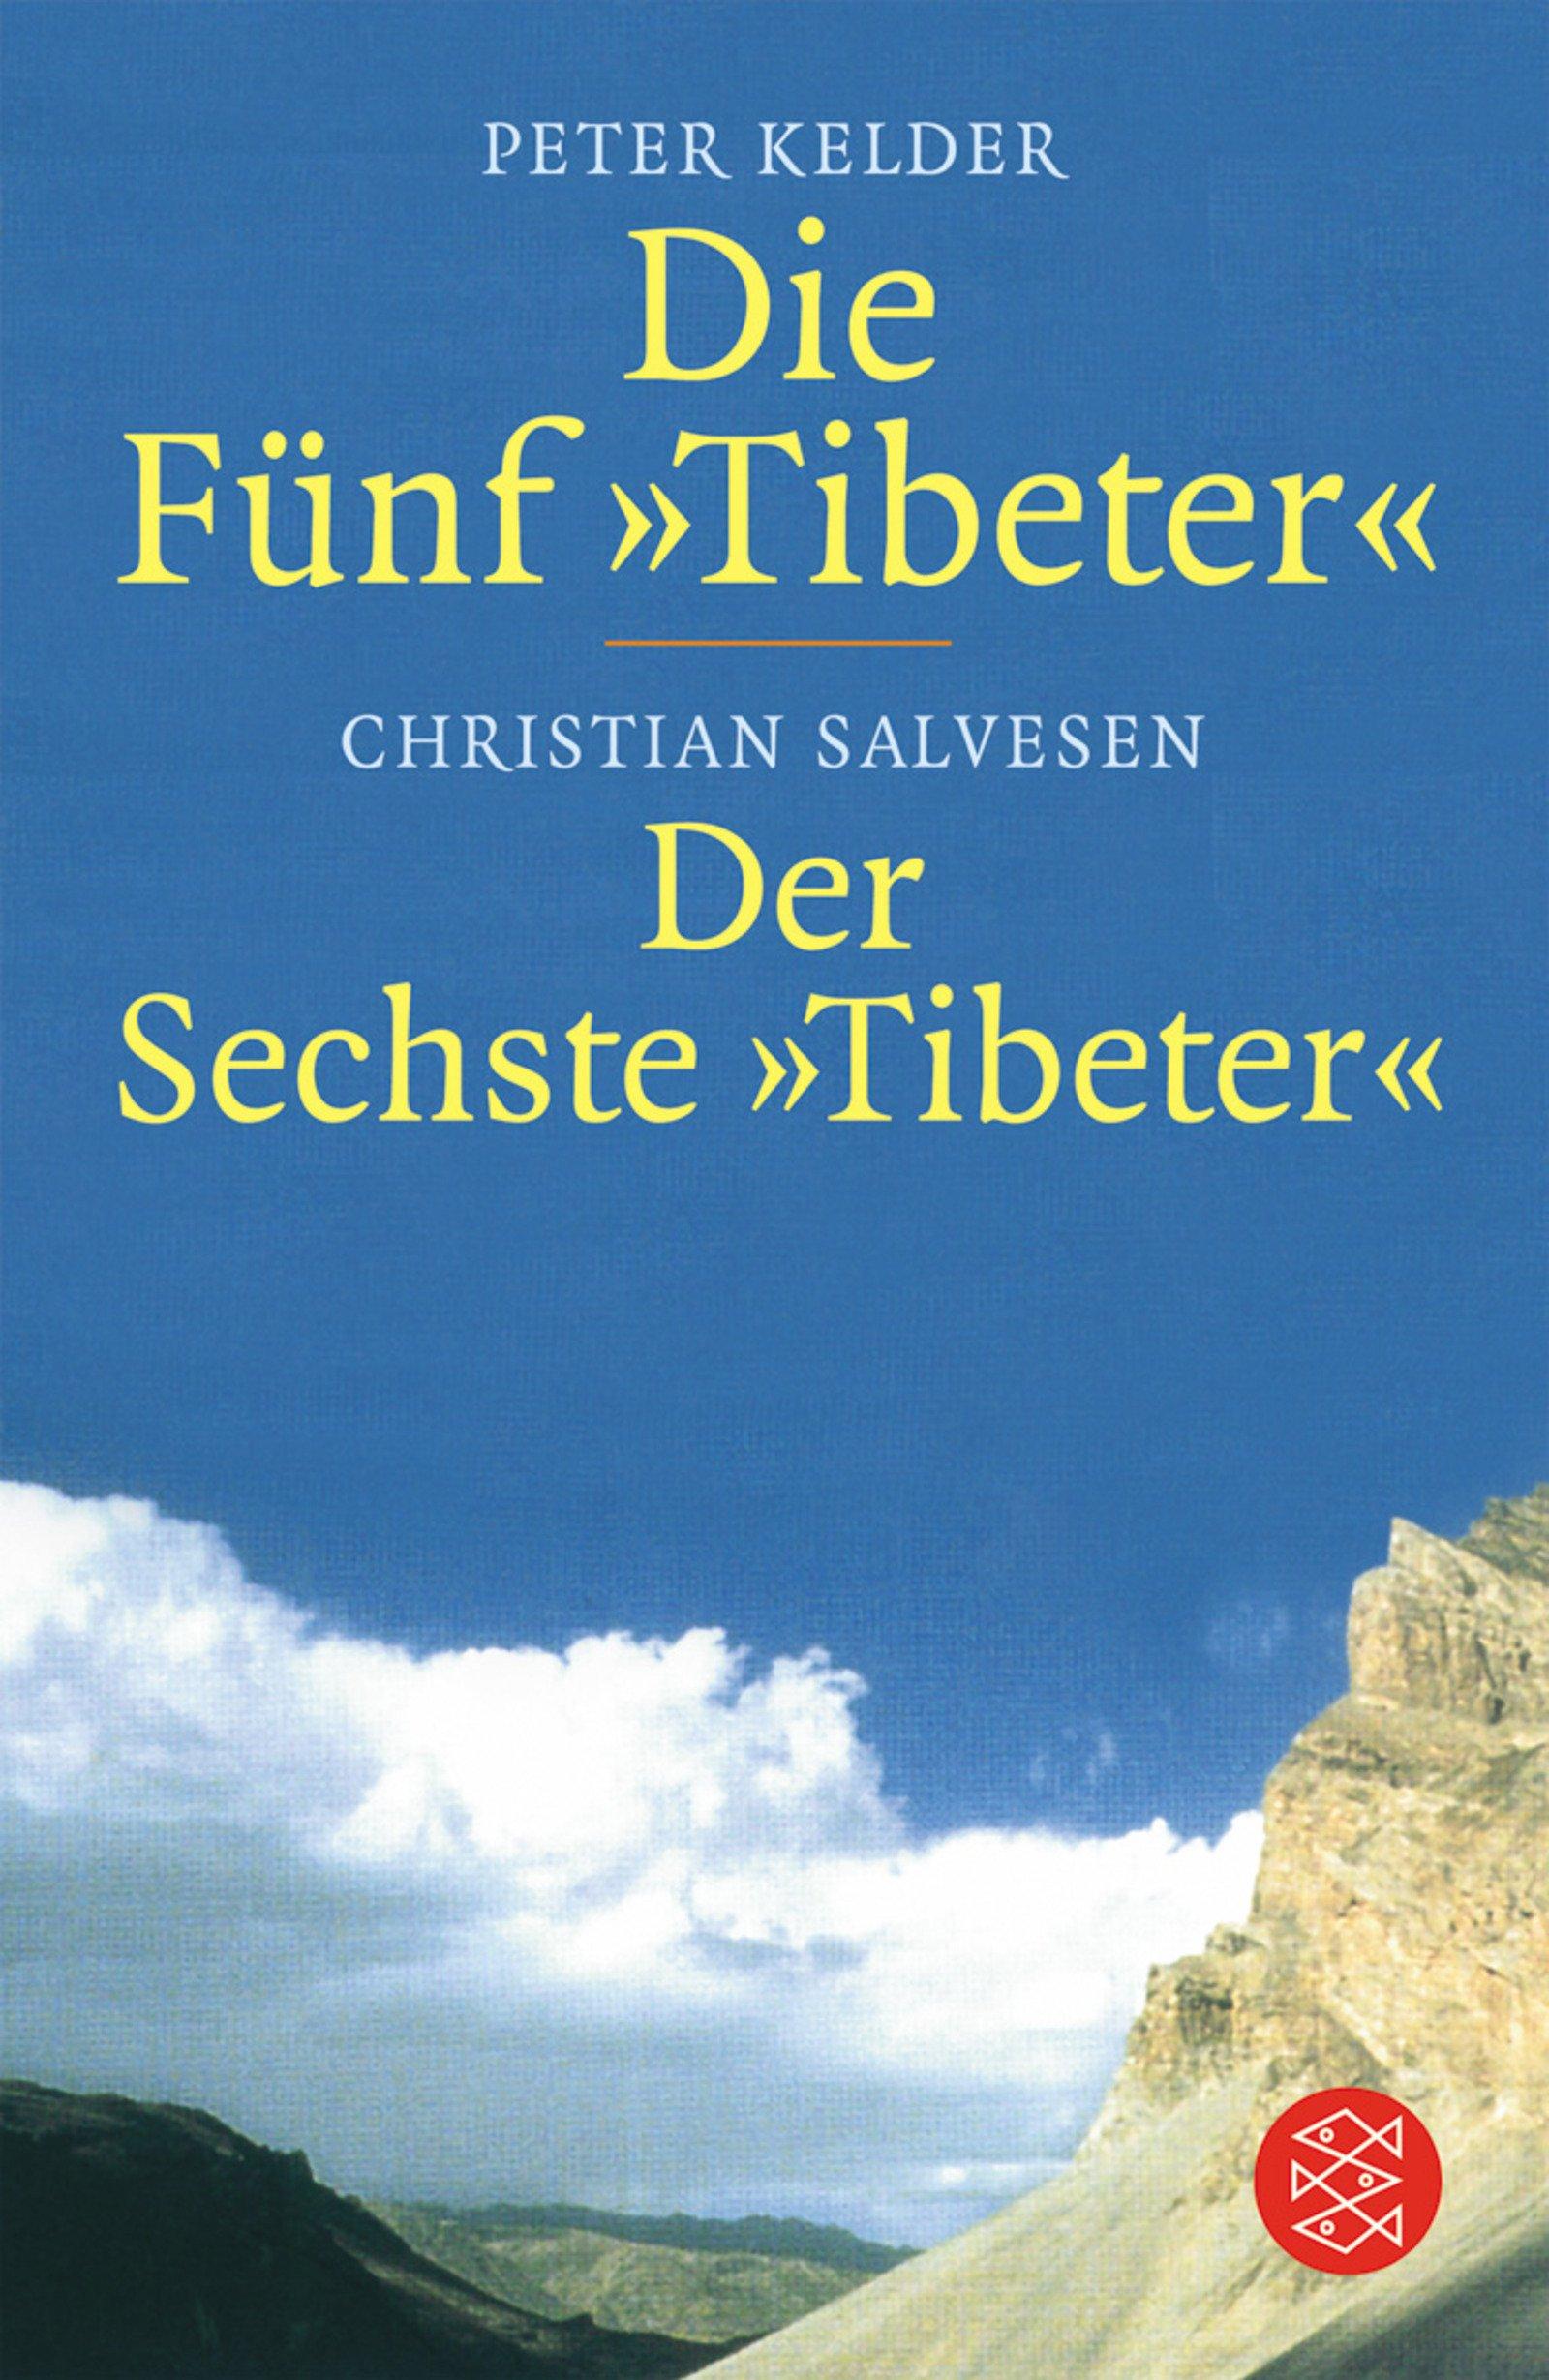 Die Fünf Tibeter/Der Sechste Tibeter